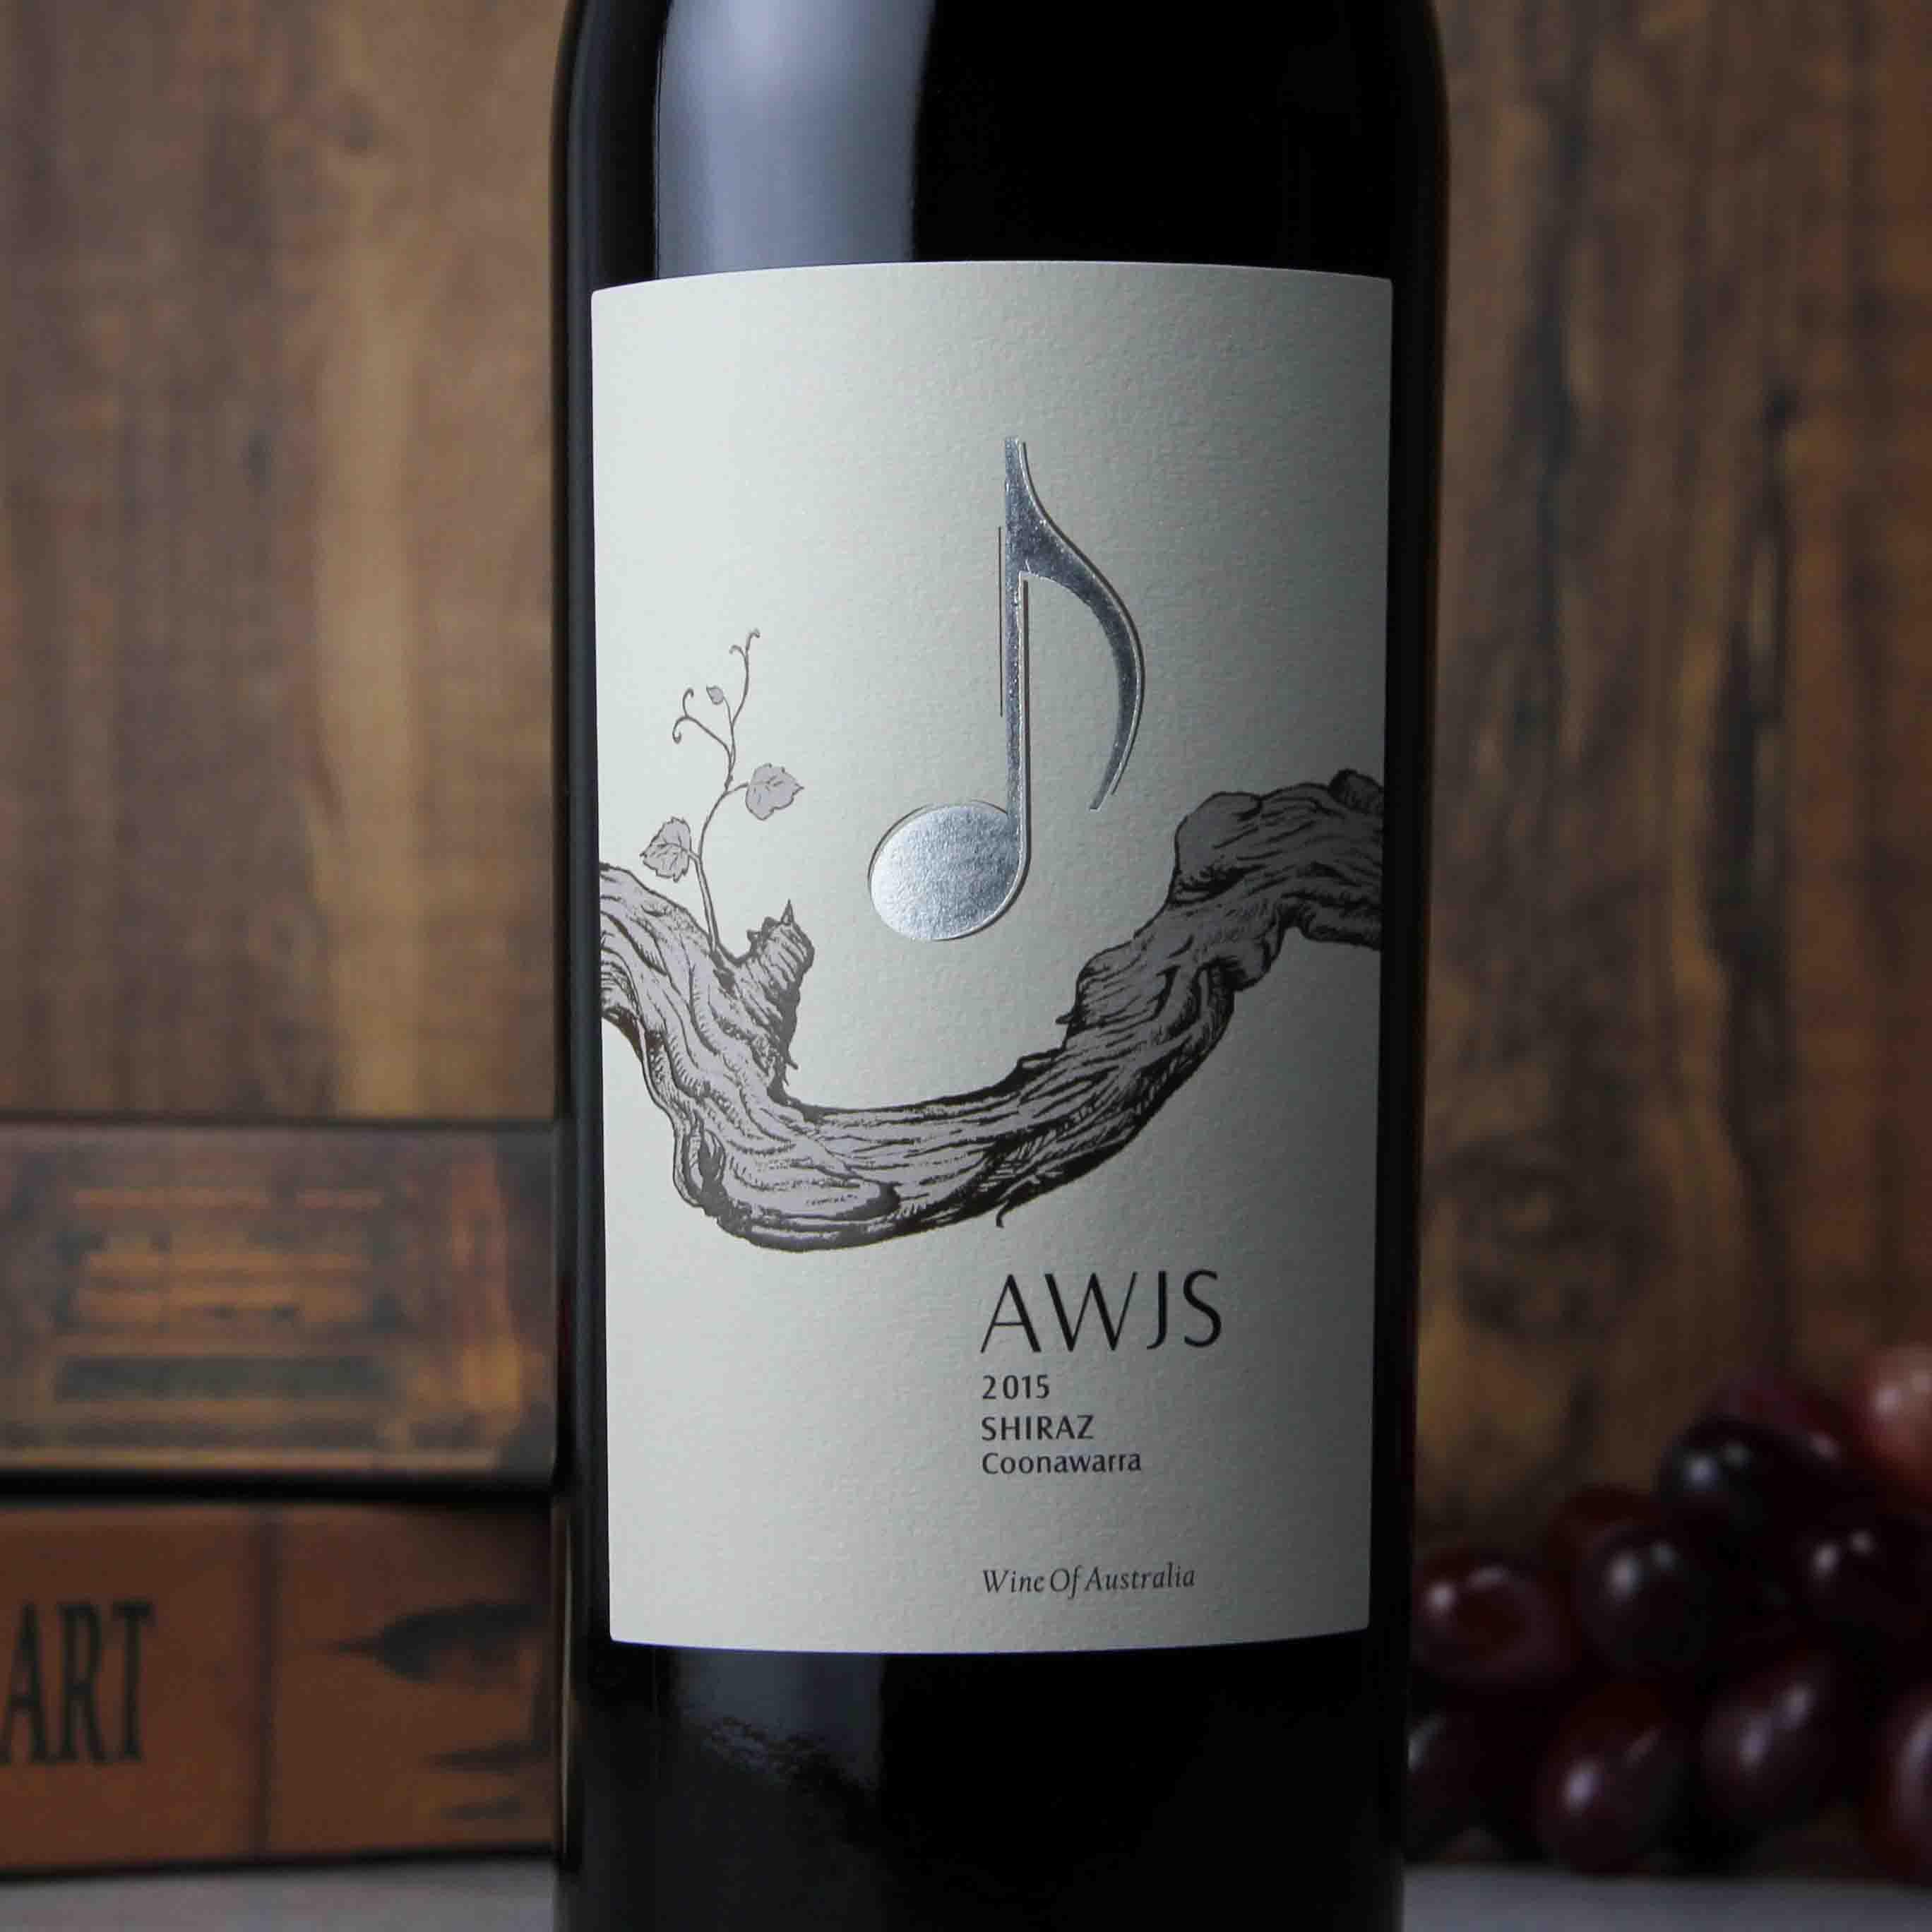 澳大利亚库纳瓦拉音符·威斯顿西拉红葡萄酒